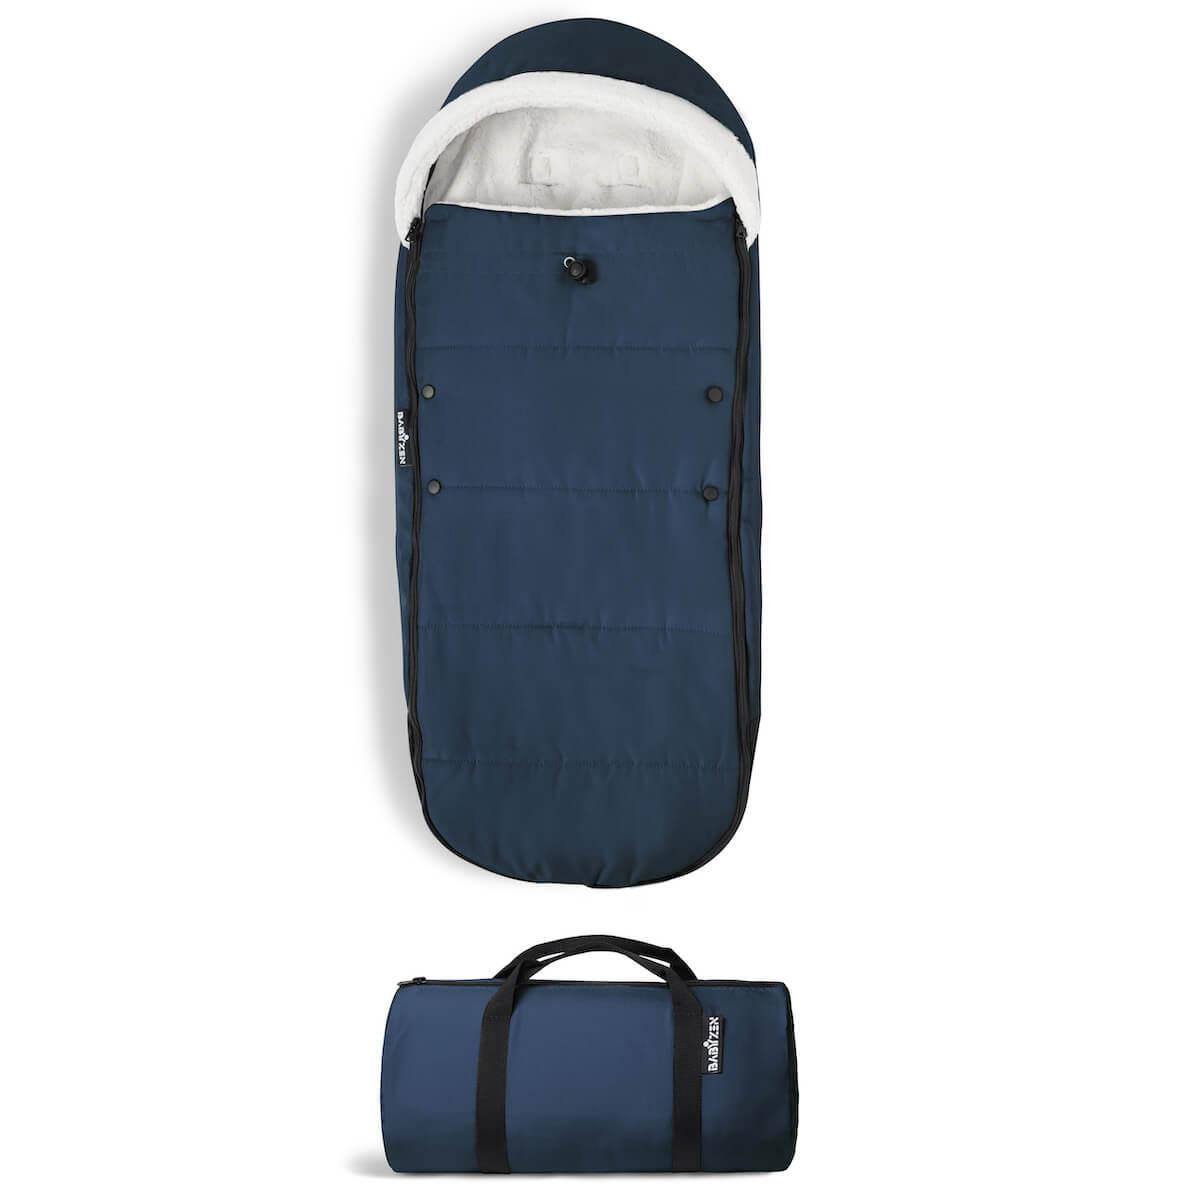 Saco silla paseo YOYO+ Babyzen Air France bleu